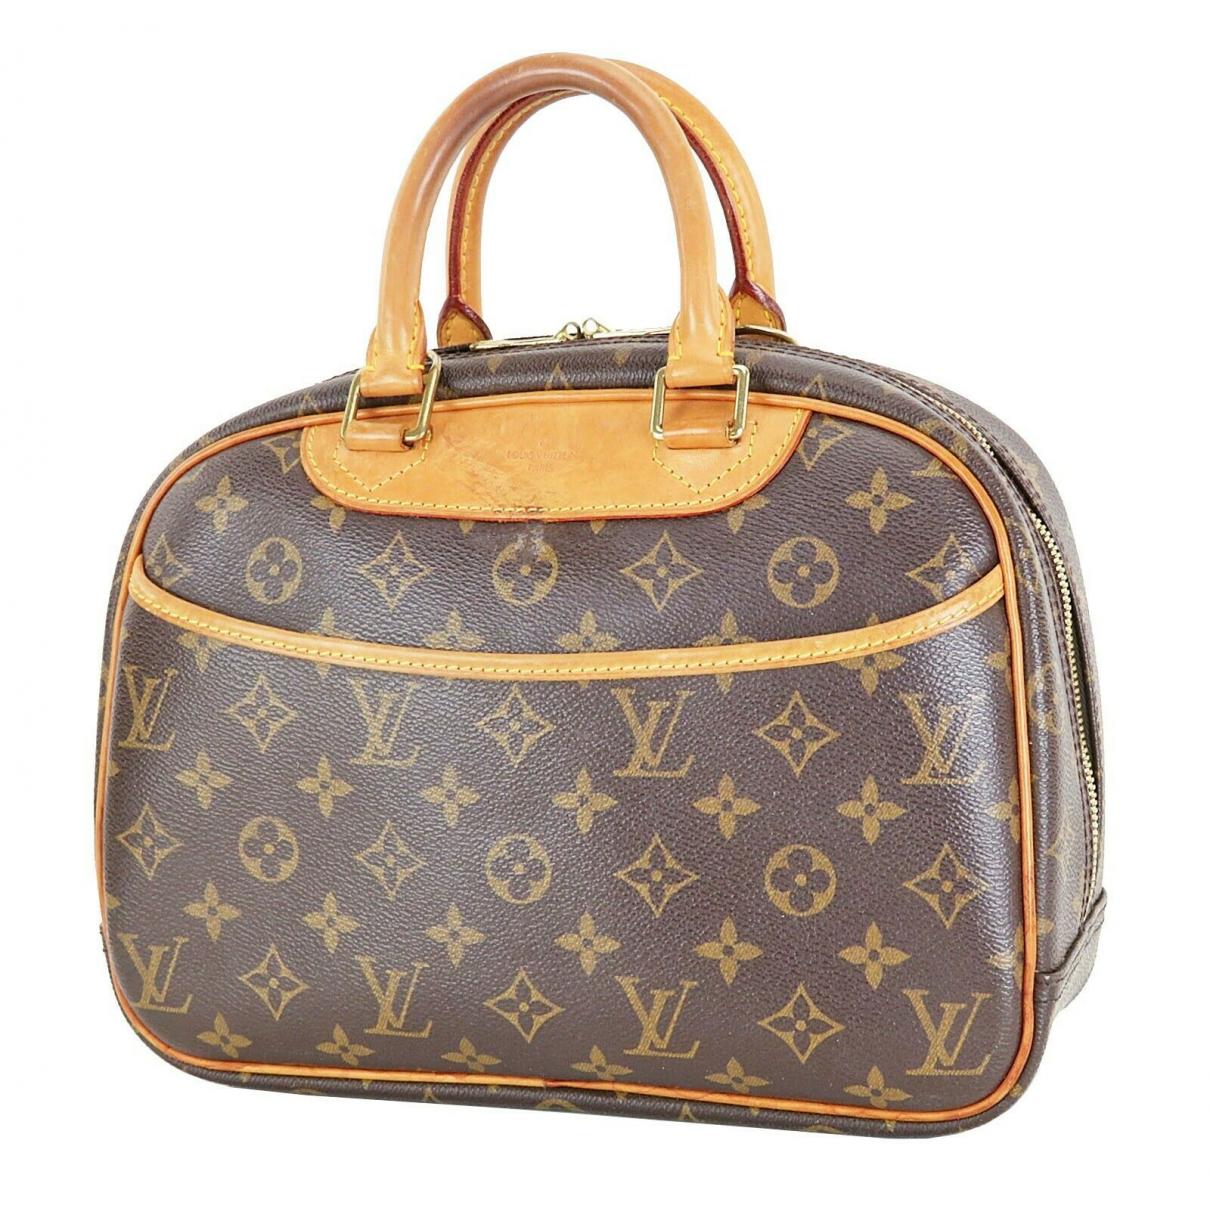 Louis Vuitton Trouville Handtasche in  Braun Leder